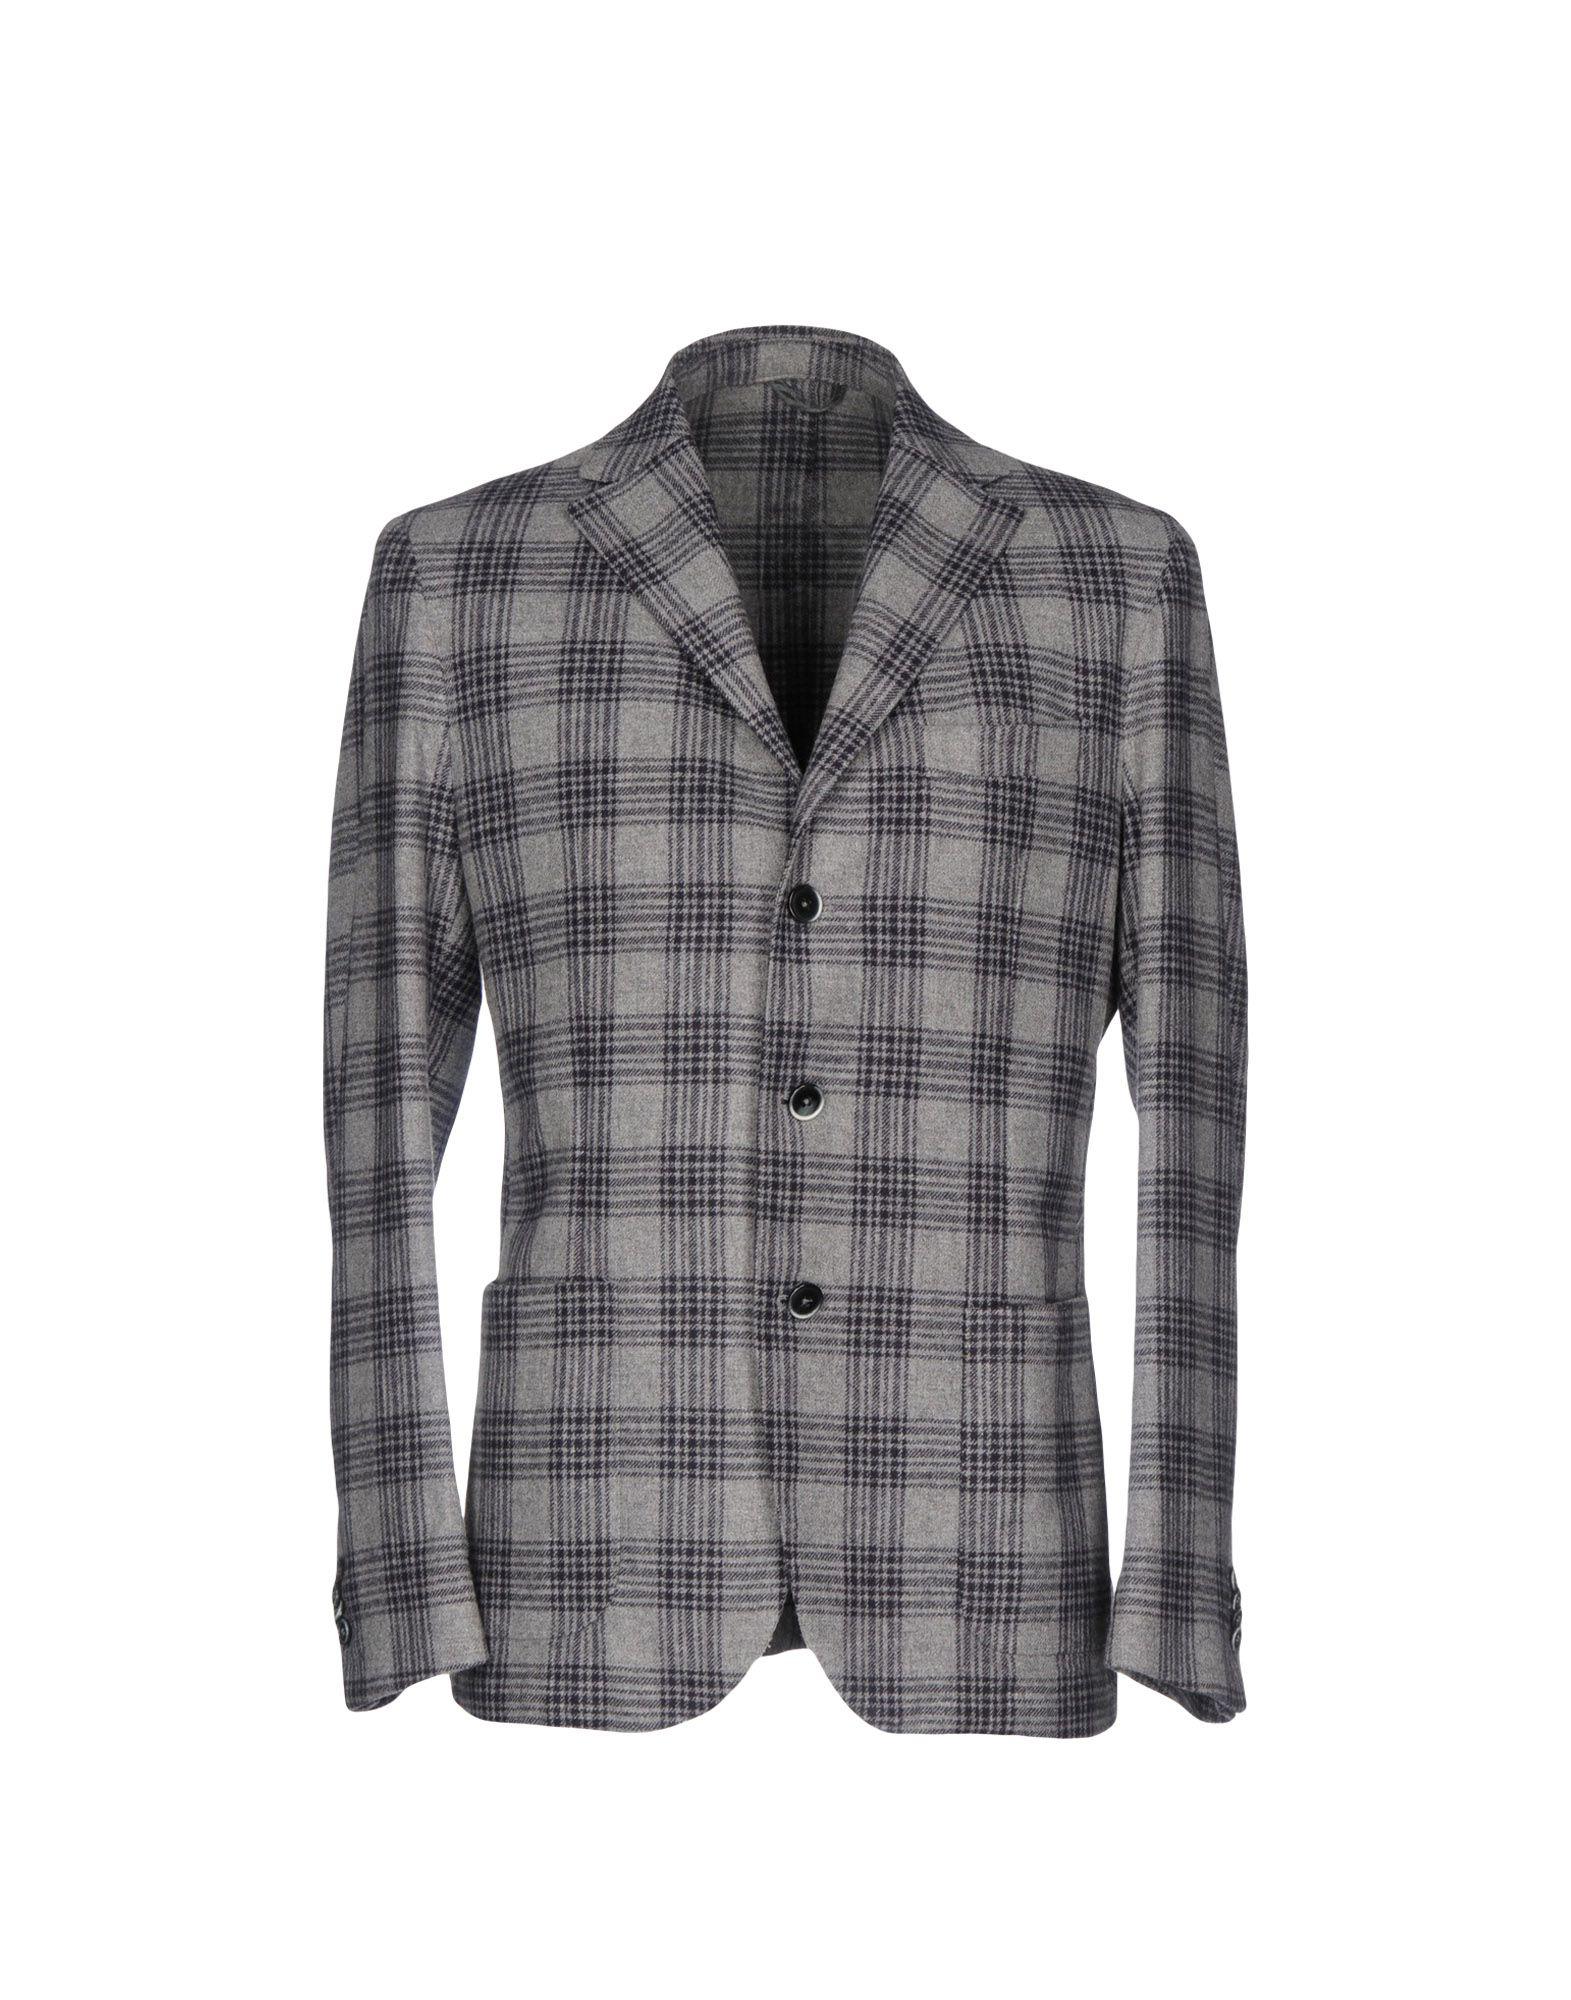 《送料無料》LUIGI BIANCHI ROUGH メンズ テーラードジャケット グレー 50 バージンウール 100%